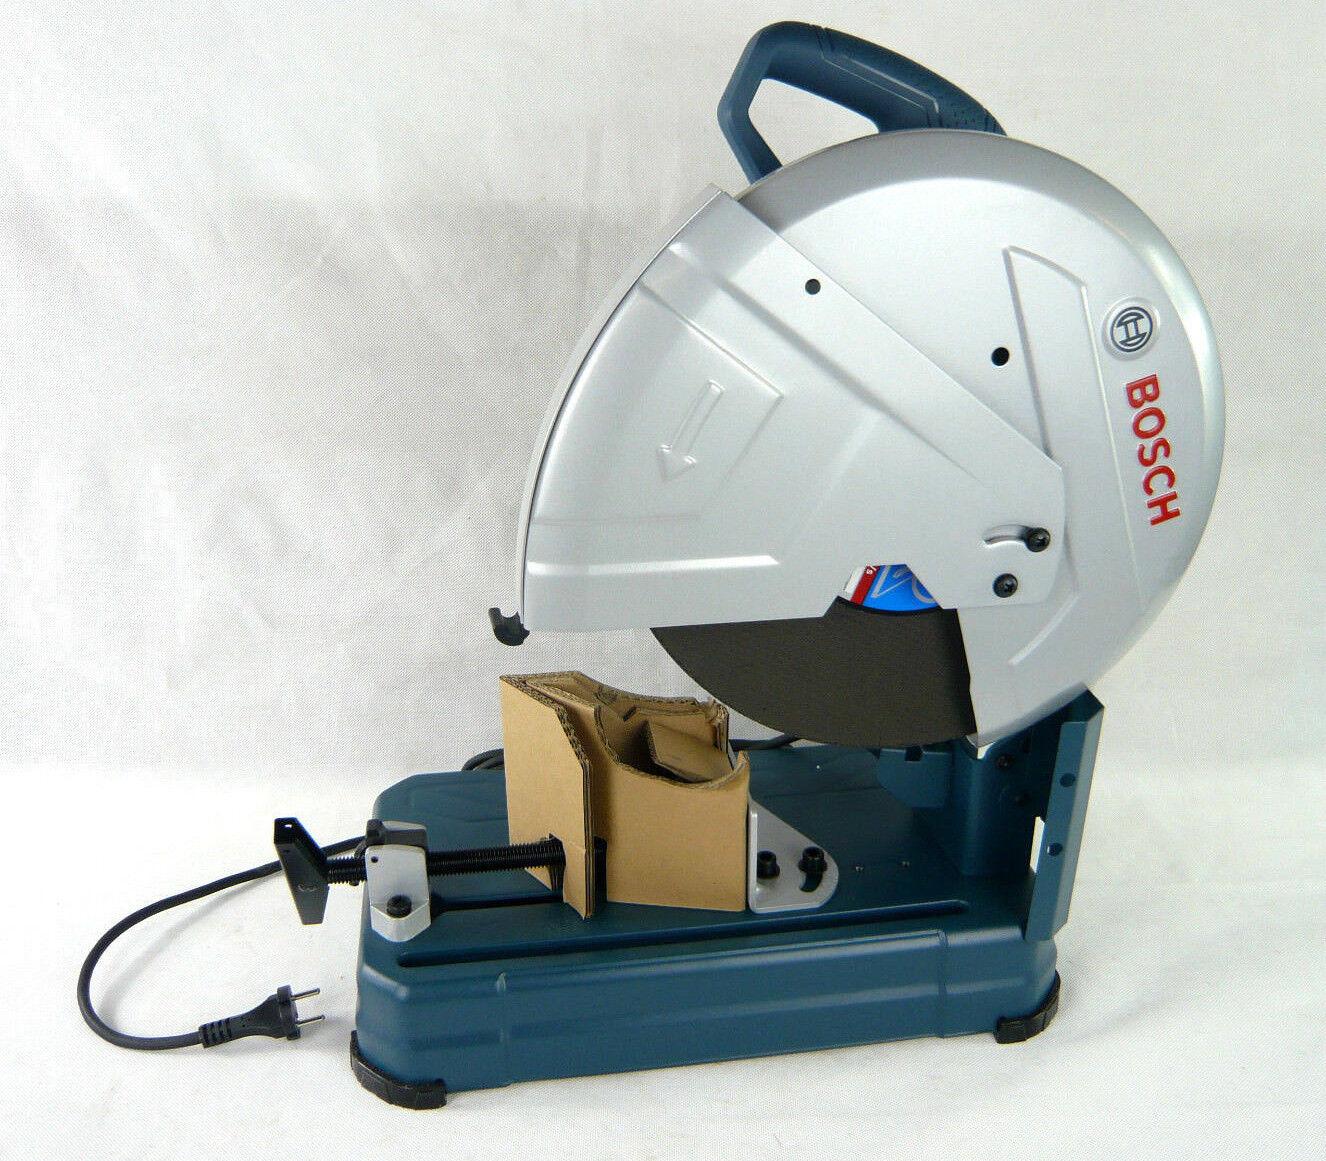 BOSCH Metall Trennschleifer Schleifer GCO 20-14 Professional mit Schleifscheibe